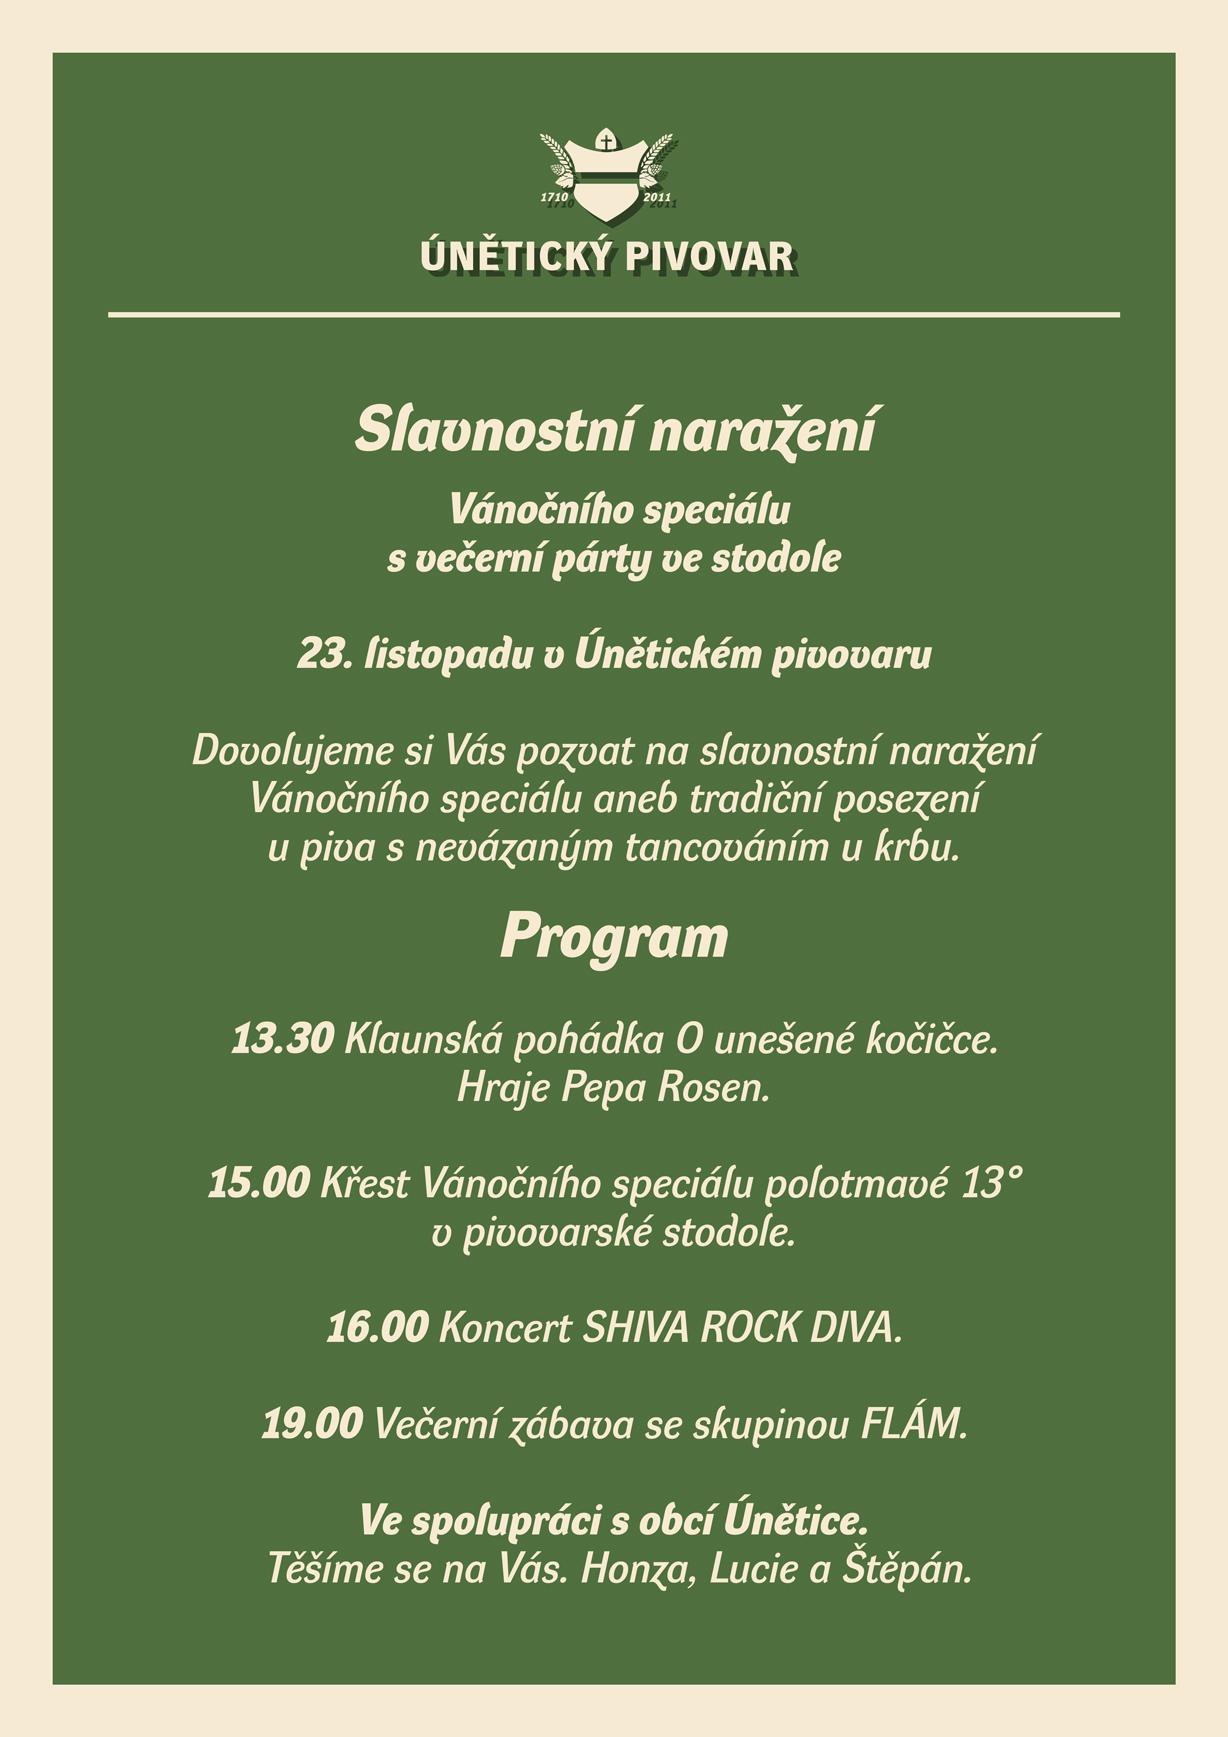 pivovari-pivovary-pivni-akce-slavnostni-narazeni-unetickeho-vanocniho-specialu-2019-02